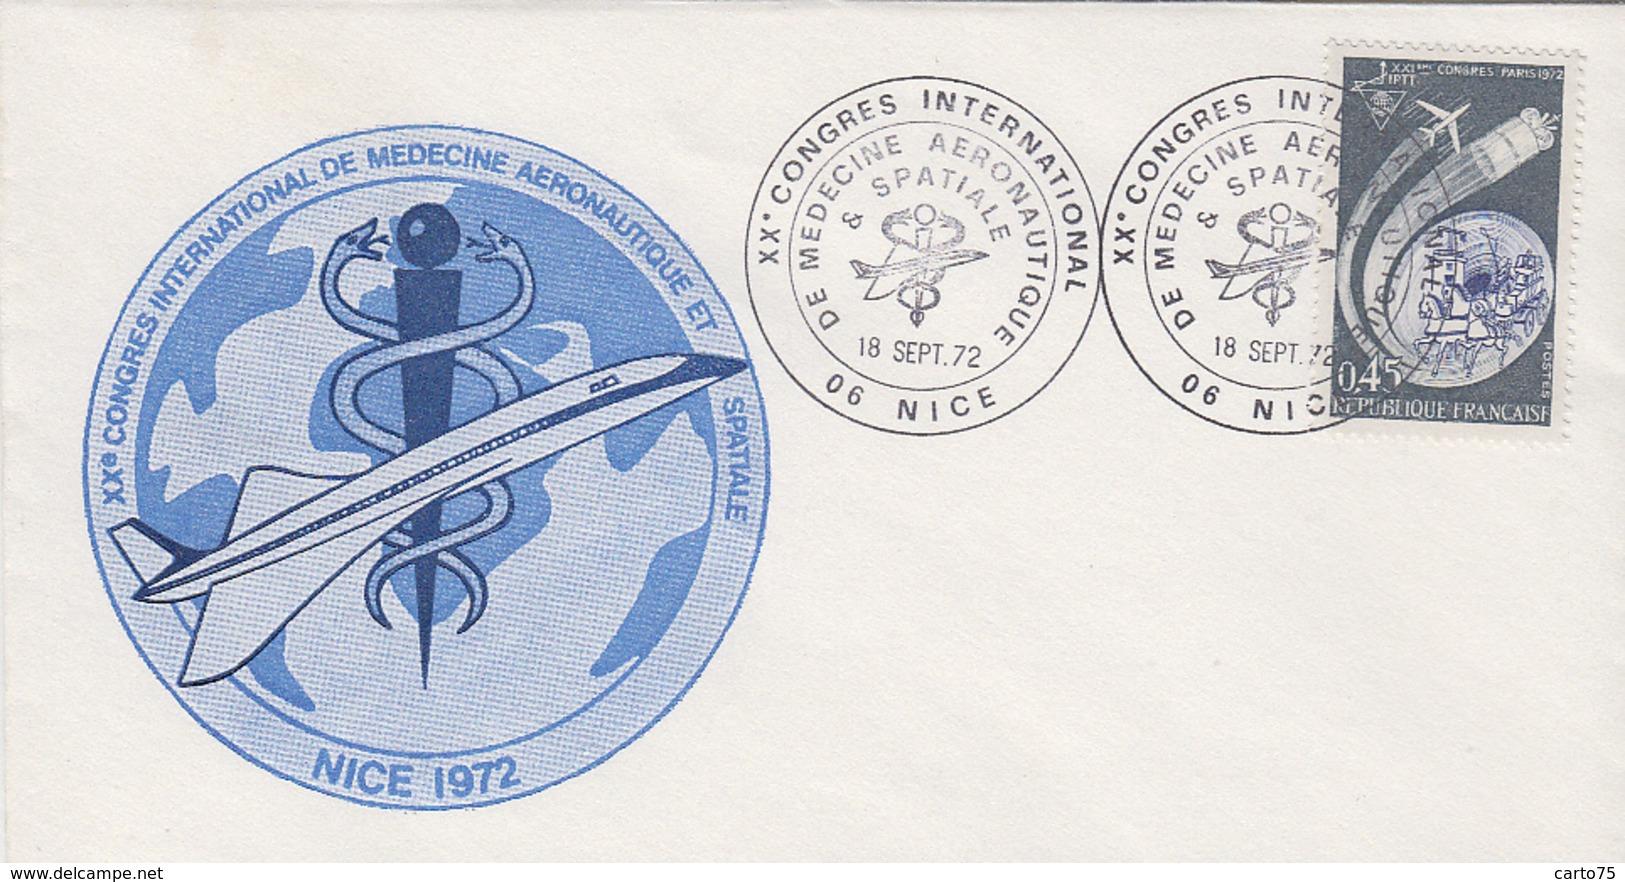 Timbre - Cachet XXè Congrès Médecine Aéronautique Nice - Avion Concorde Aviation - Santé Médecine - Aviones